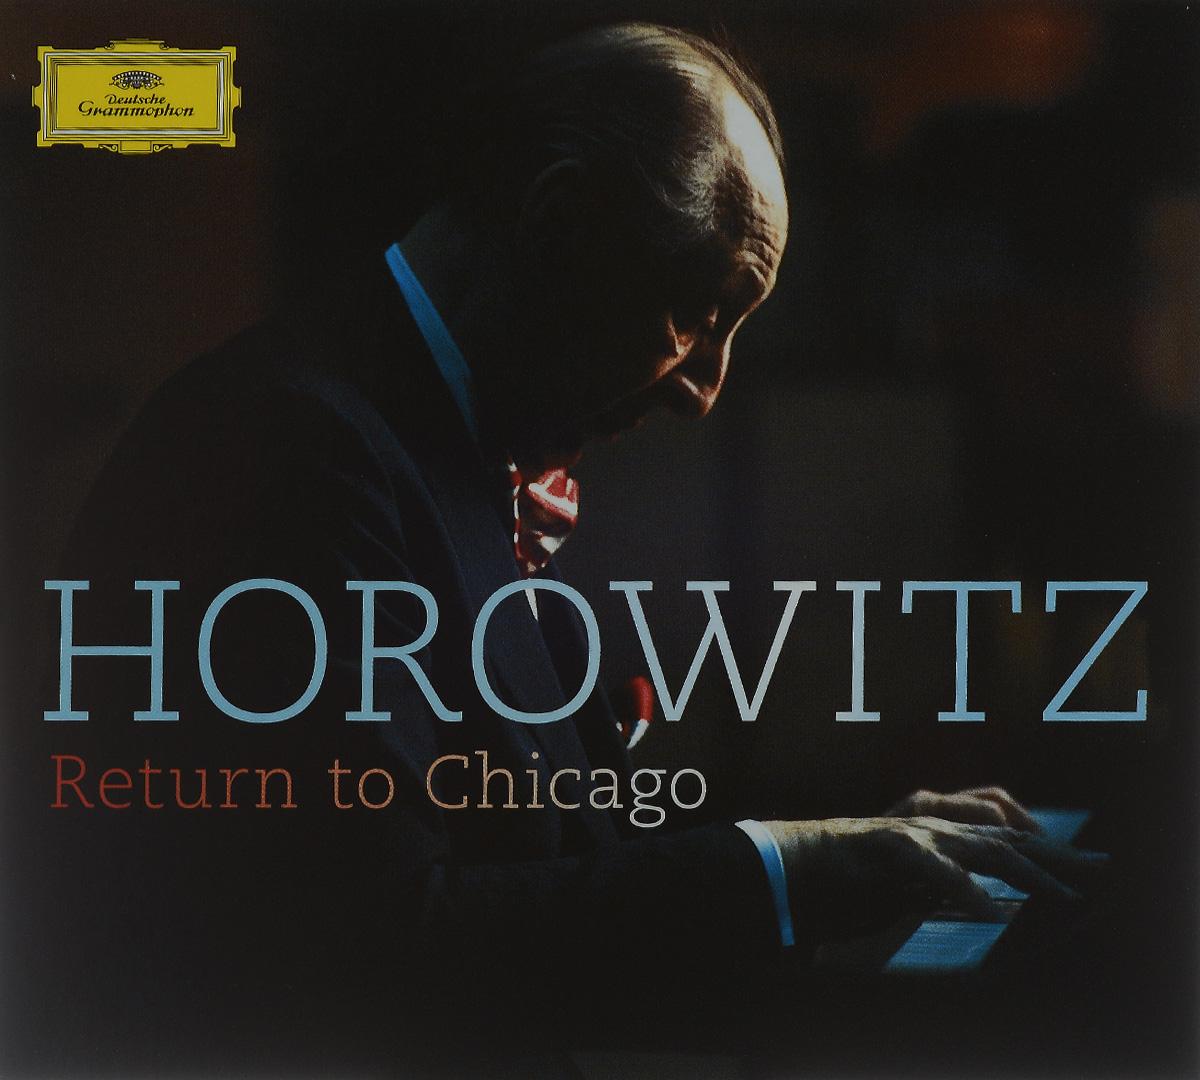 Владимир Горовитц Horowitz. Return To Chicago (2 CD) superman vol 2 return to glory